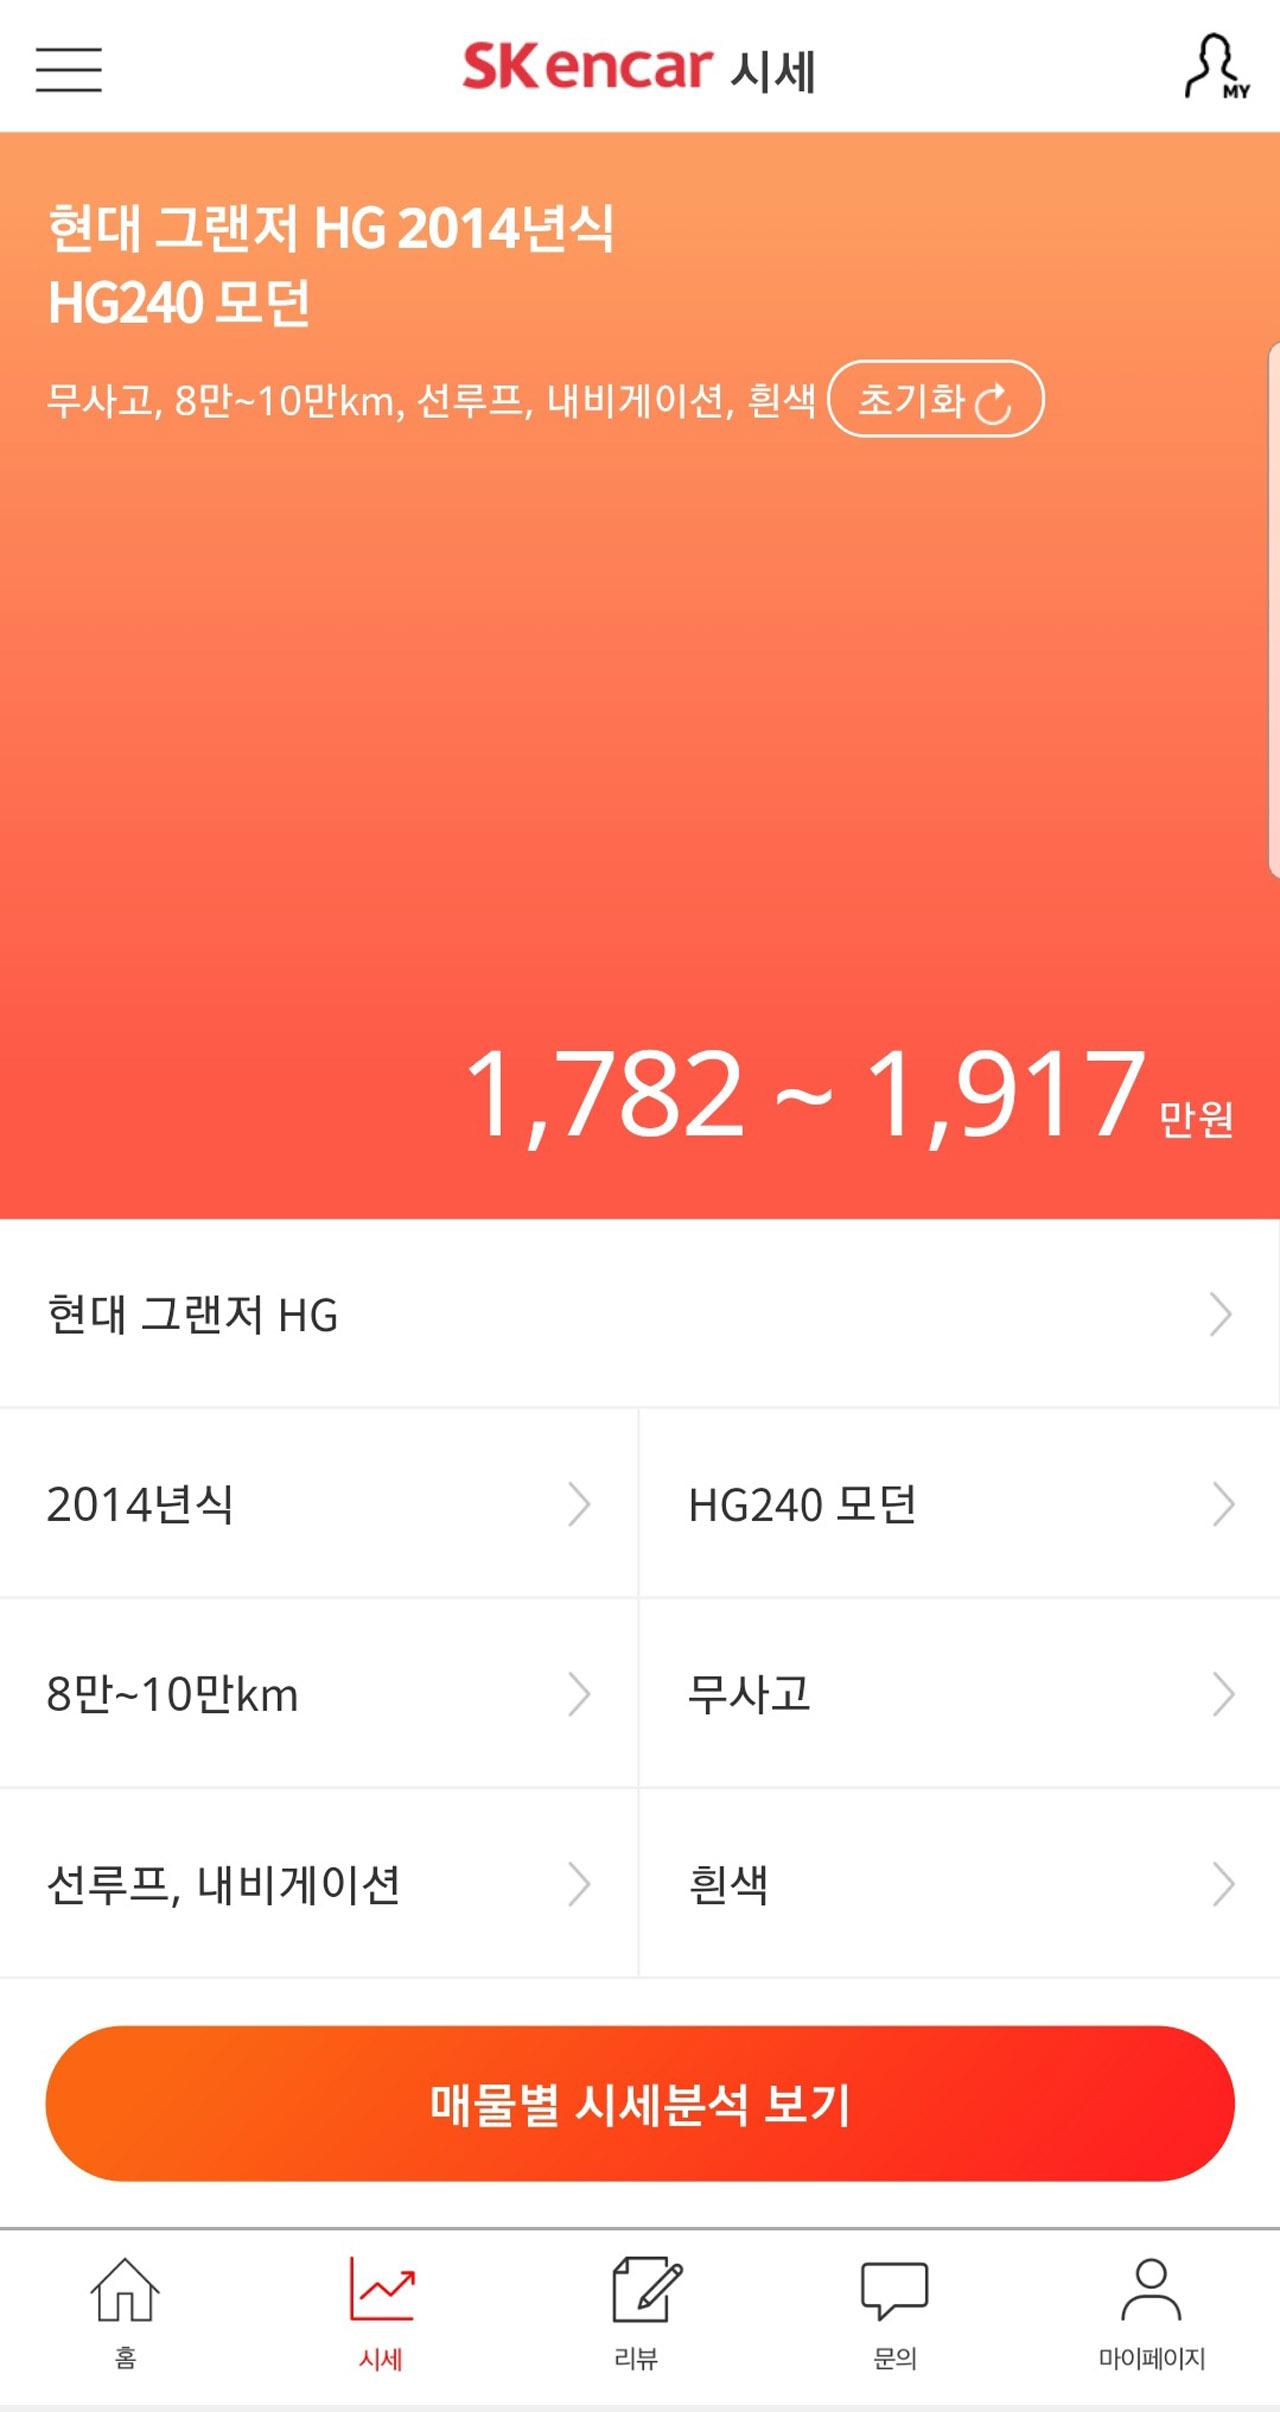 [참고 이미지1] SK엔카닷컴 모바일 시세